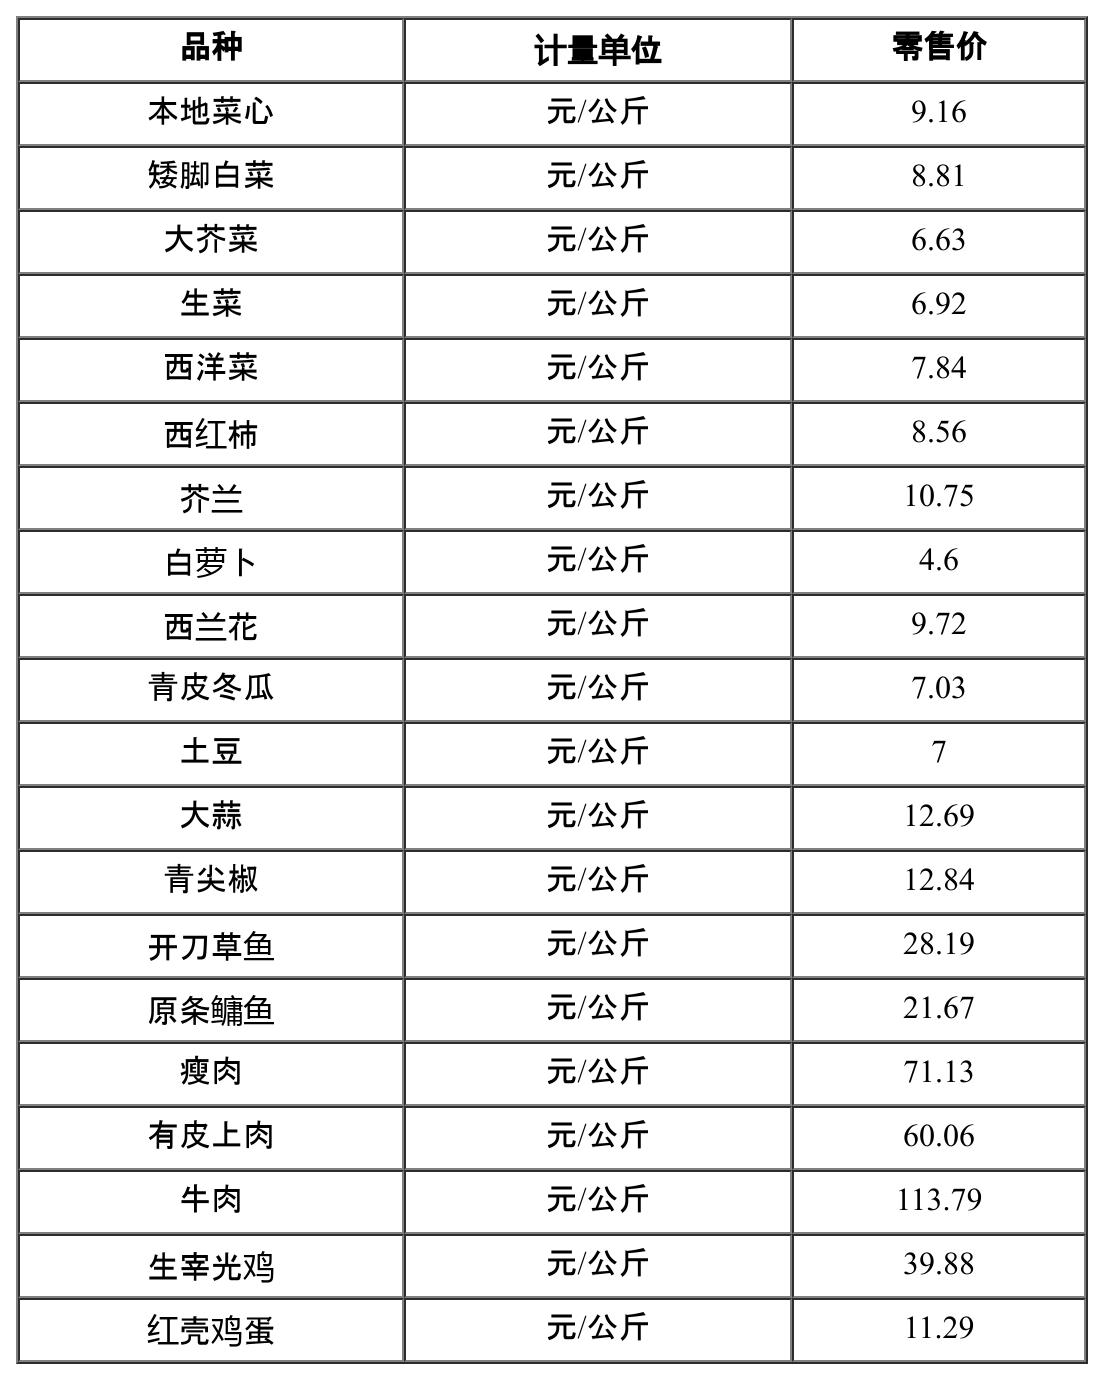 02月20日广州市菜篮子平均零售价公布